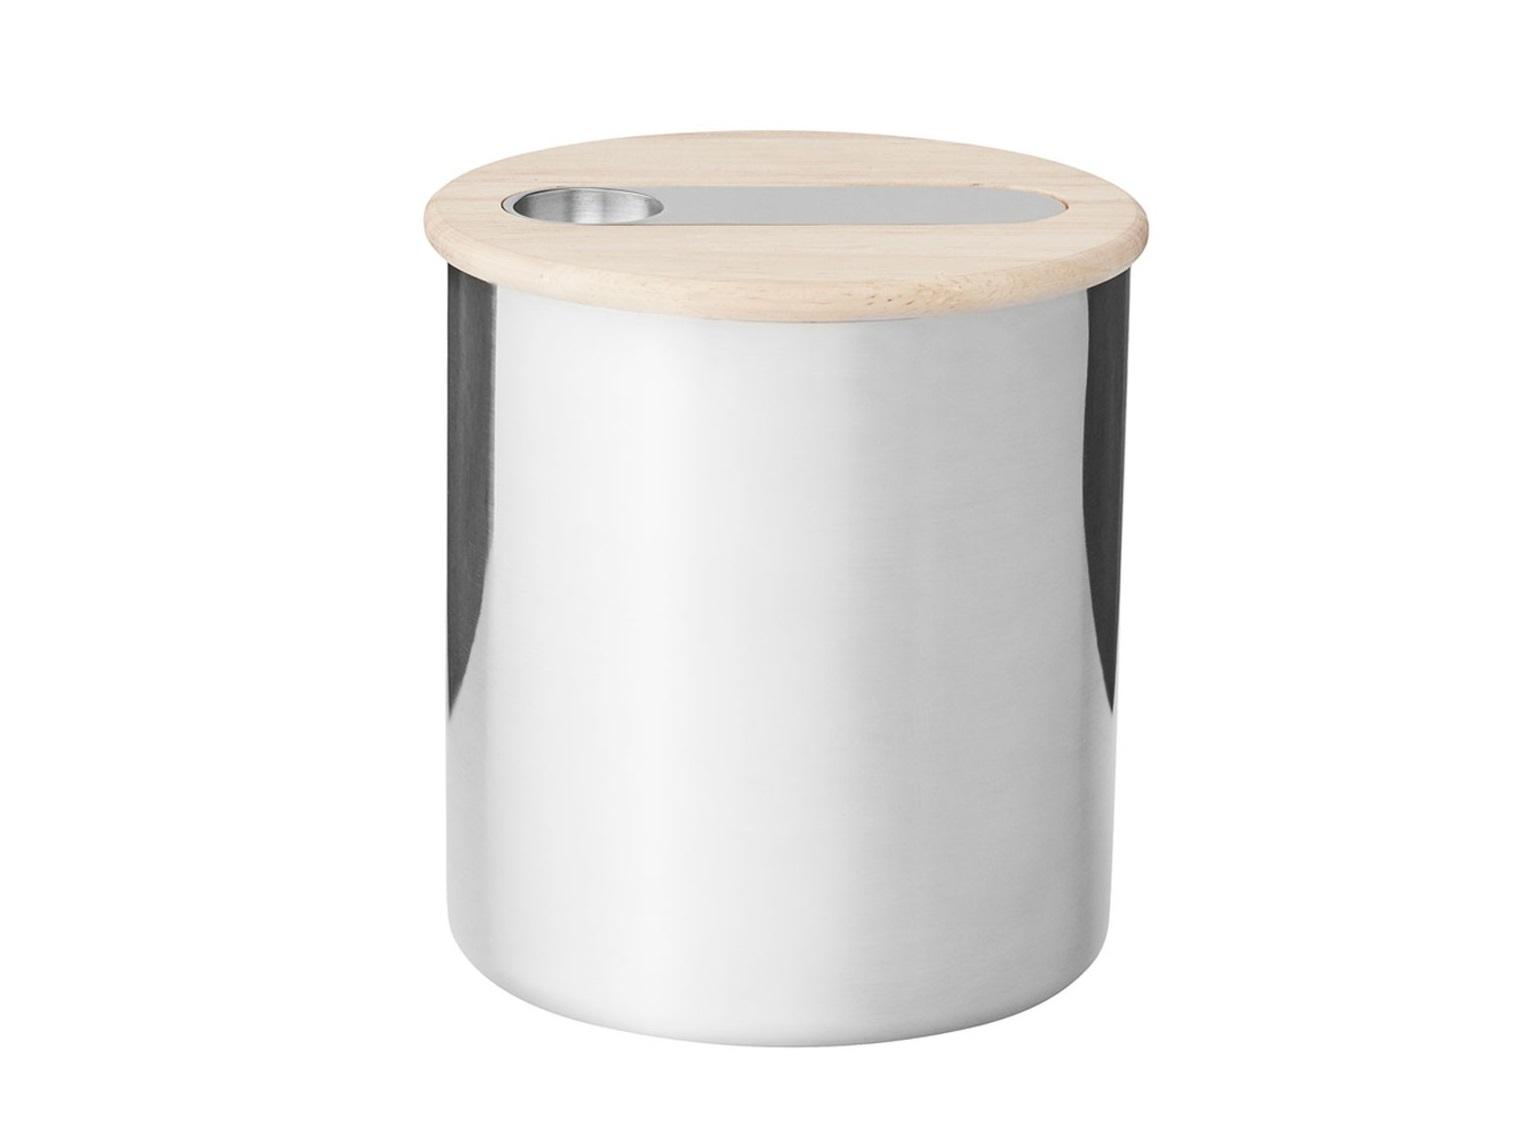 Емкость для хранения ScoopЕмкости для хранения<br>В набор входят: емкость из нержавеющей стали, крышка из каучука, ложки из нержавеющей стали. Емкость для хранения с ложкой Scoop сочетает в себе элегантность и практичность. Емкость идеально подходит для хранения чая или кофе. Учитывая, что крышка плотно закрывает емкость, кофе и чай сохранят свой аромат на протяжении долгого времени. В крышке предусмотрено отделение для ложки. Таким образом, Вам не придется искать ложку каждый раз, когда Вы захотите отсыпать чай или кофе из емкости.&amp;amp;nbsp;<br><br>Material: Металл<br>Length см: None<br>Width см: None<br>Height см: 14<br>Diameter см: 12